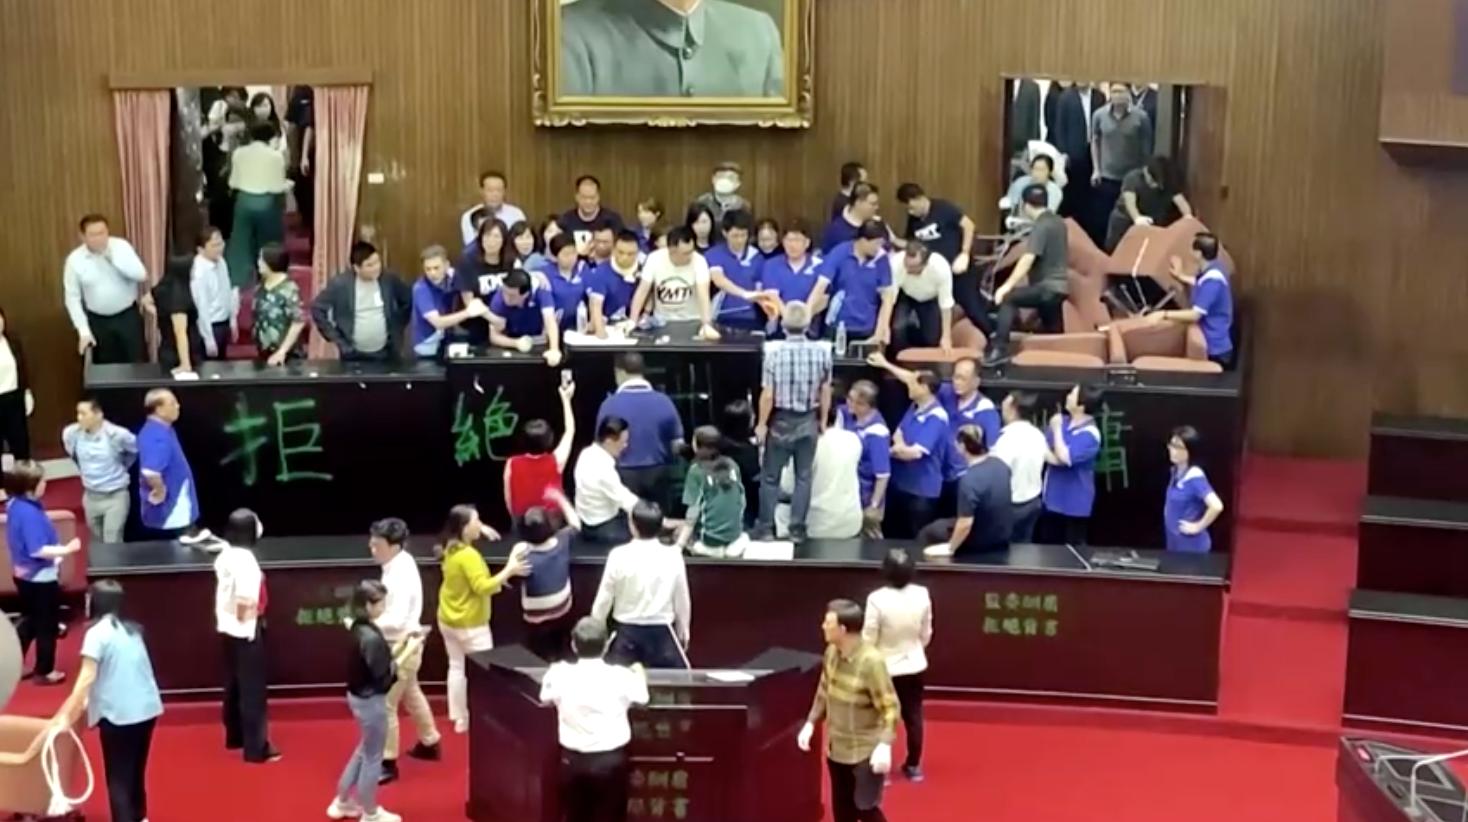 Tình trạng bạo lực tiếp tục bùng nổ khi phe đối lập của Đài Loan tái chiếm Nghị viện